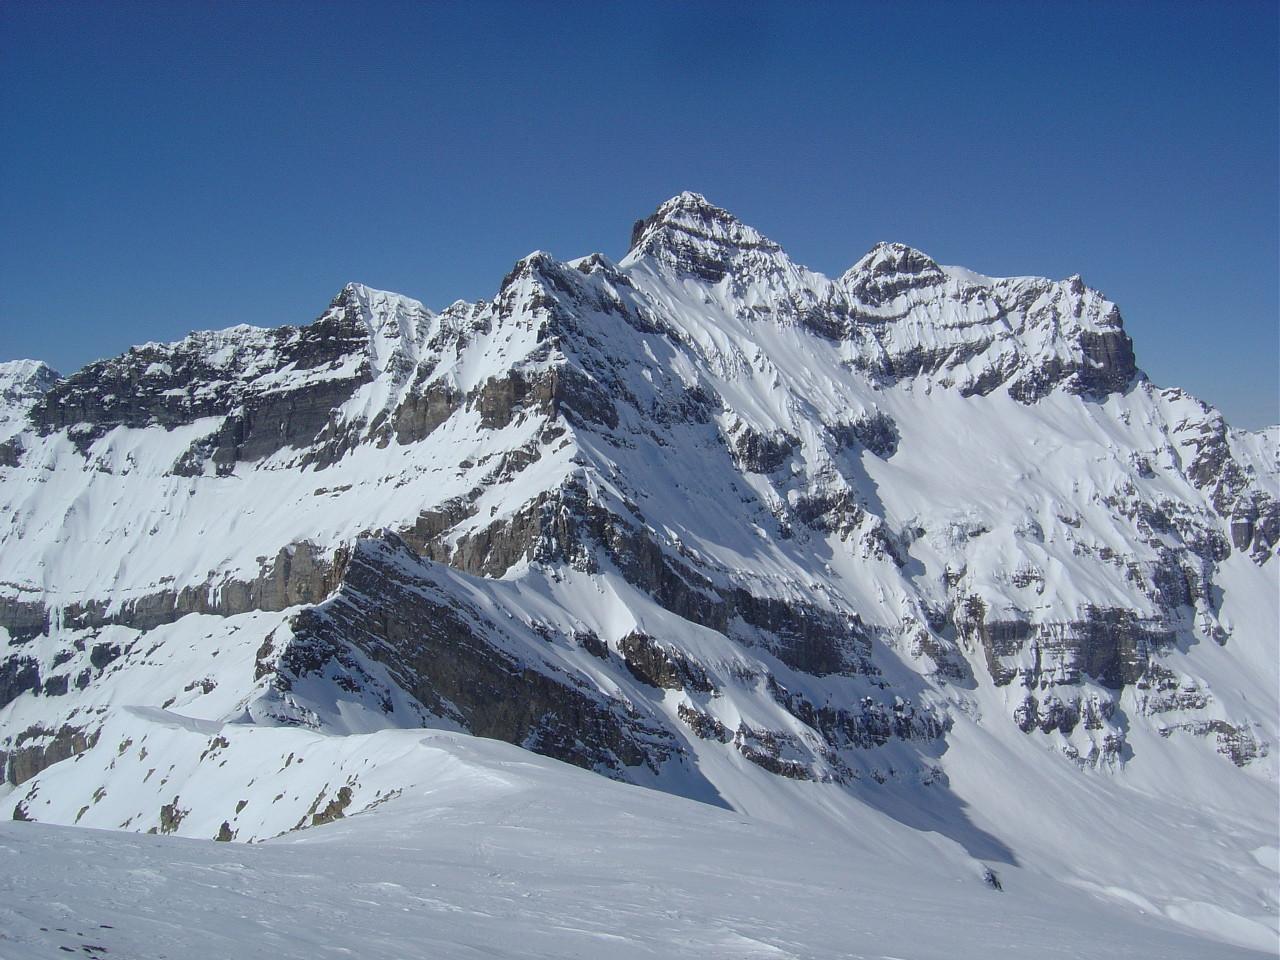 Vue de la Tour Sallière et son versant dominant le glacier Noir, tentant. Vue du sommet du Luisin.